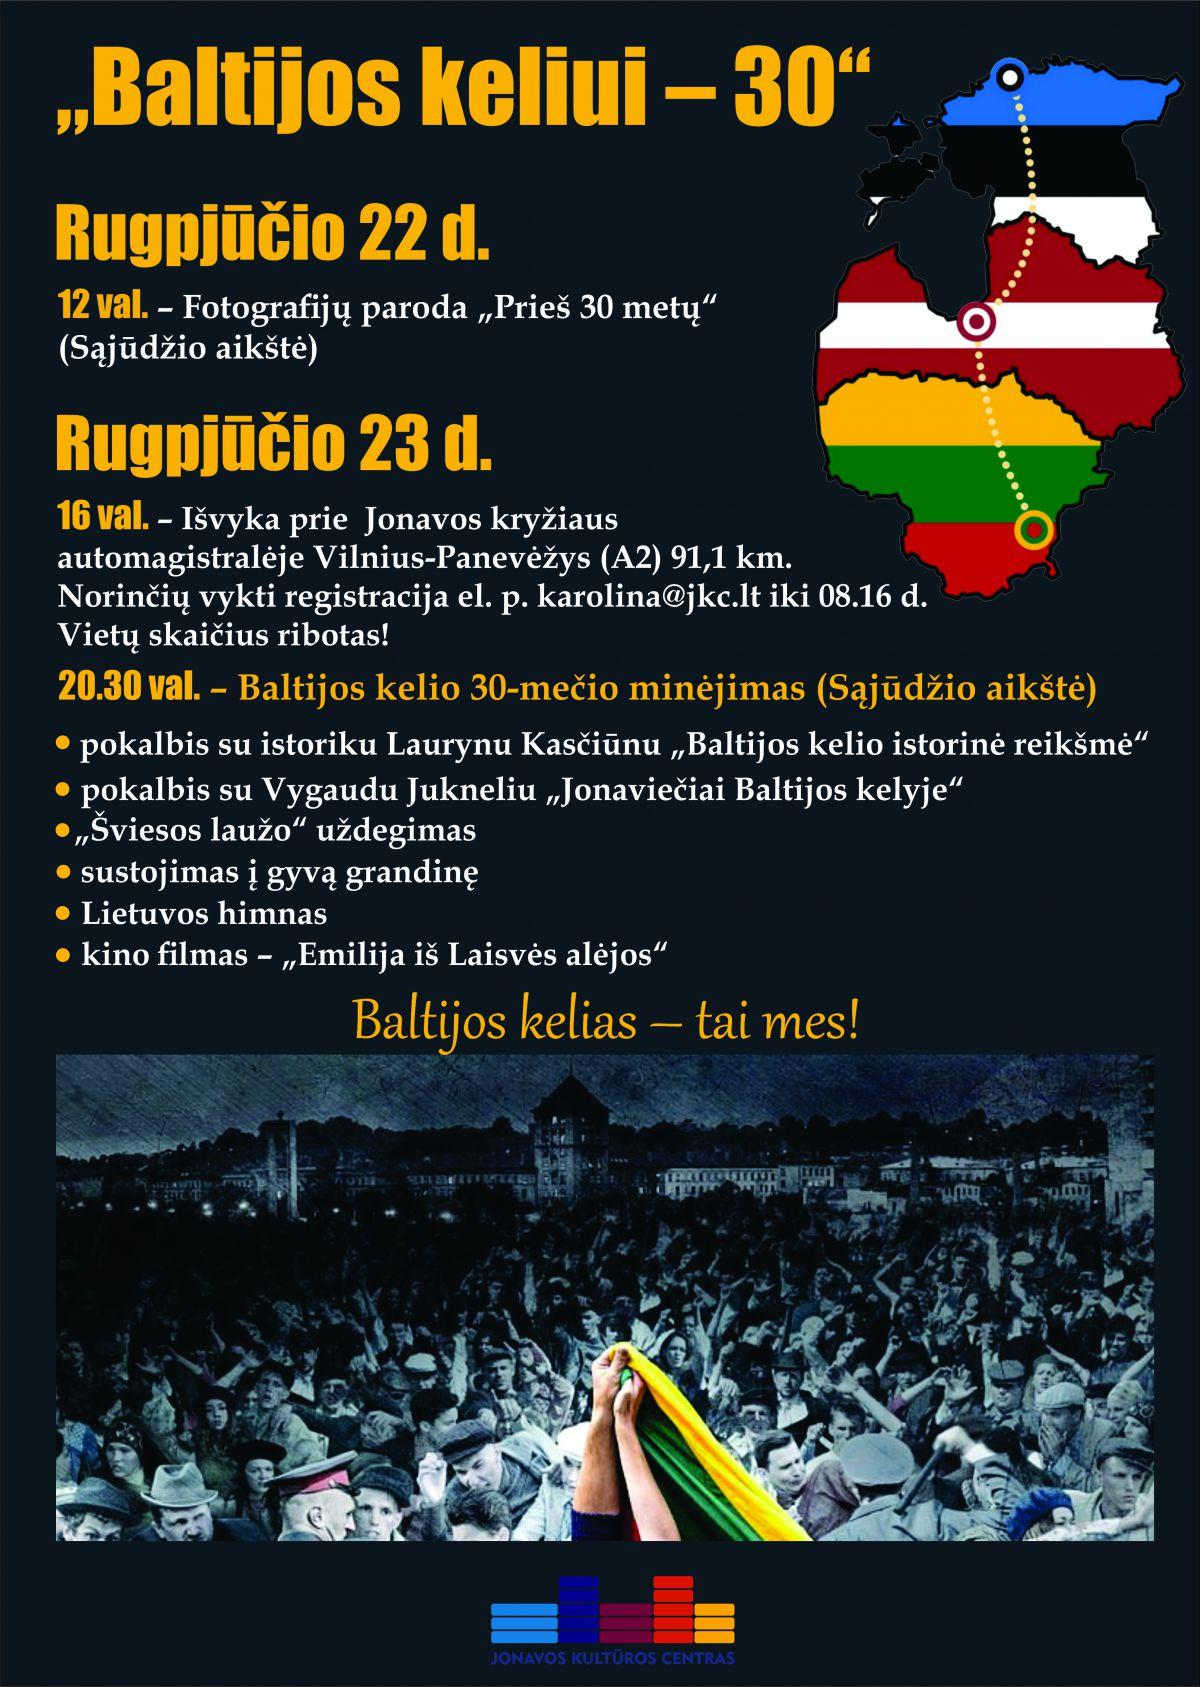 Baltijos keliui – 30